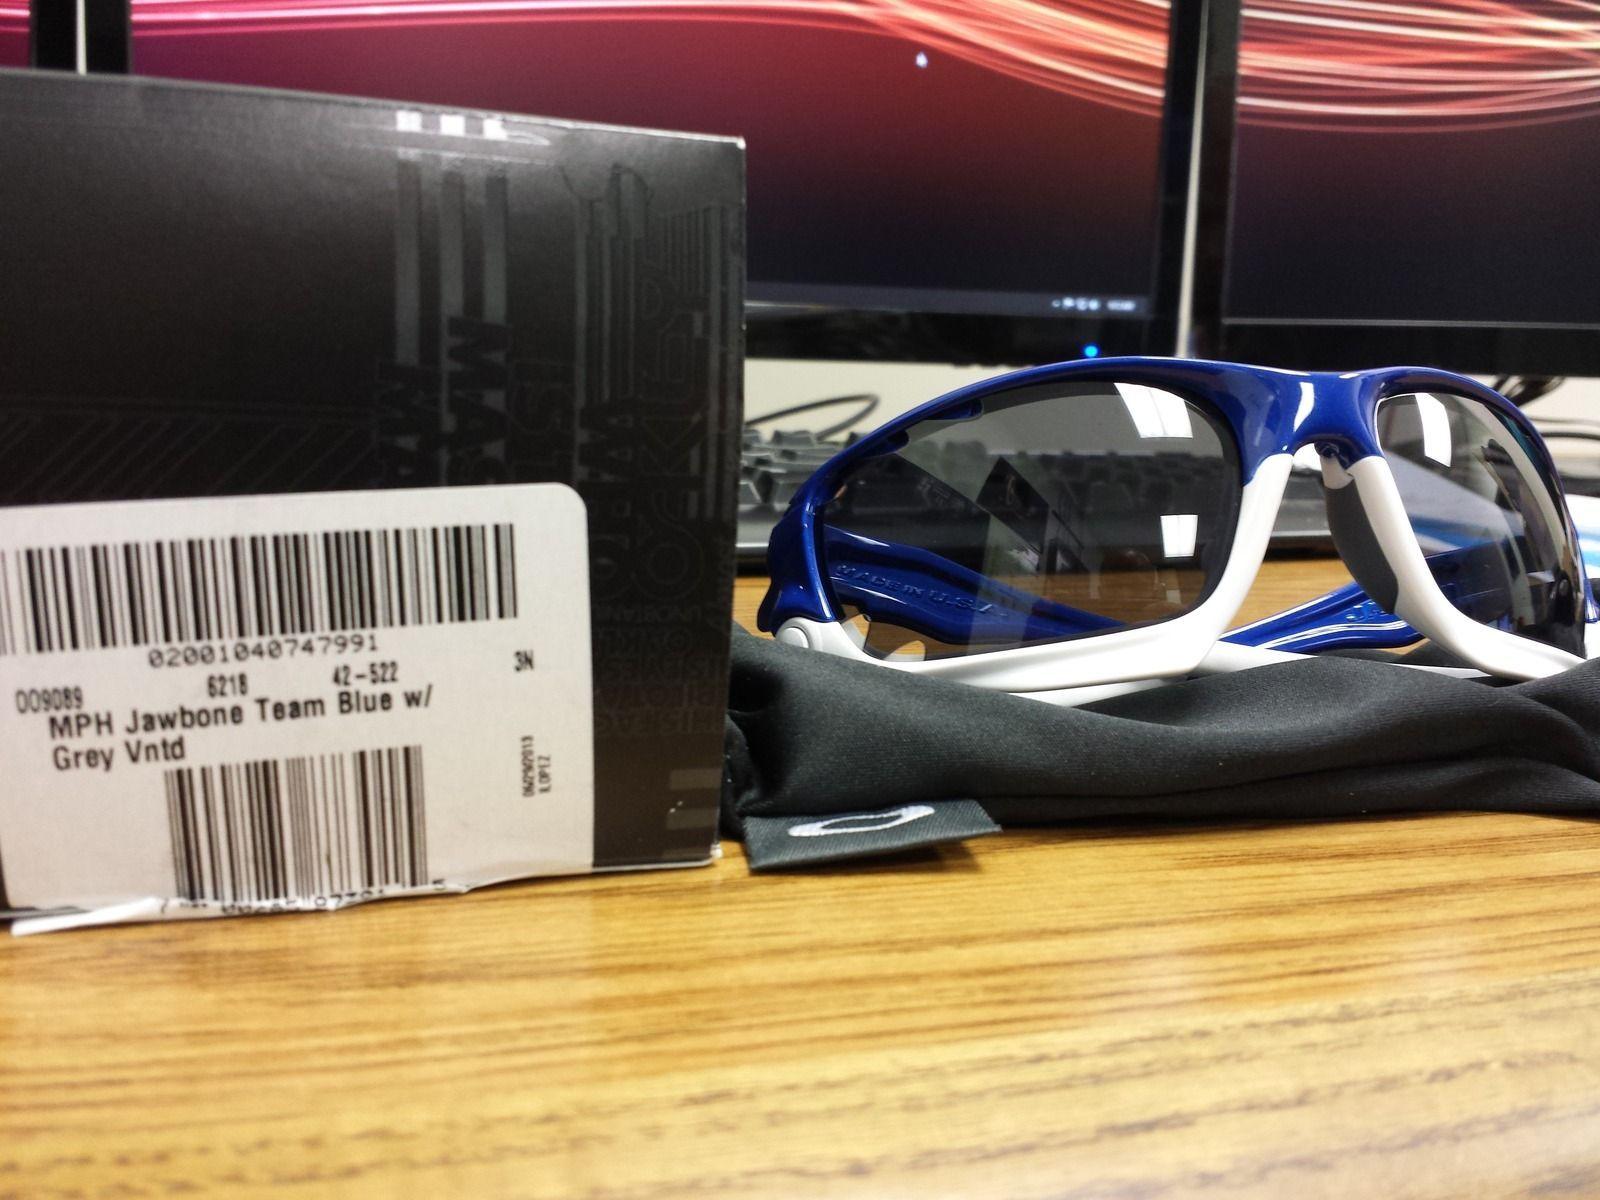 Oakley Jawbone Team Blue NIB - w13s.jpg